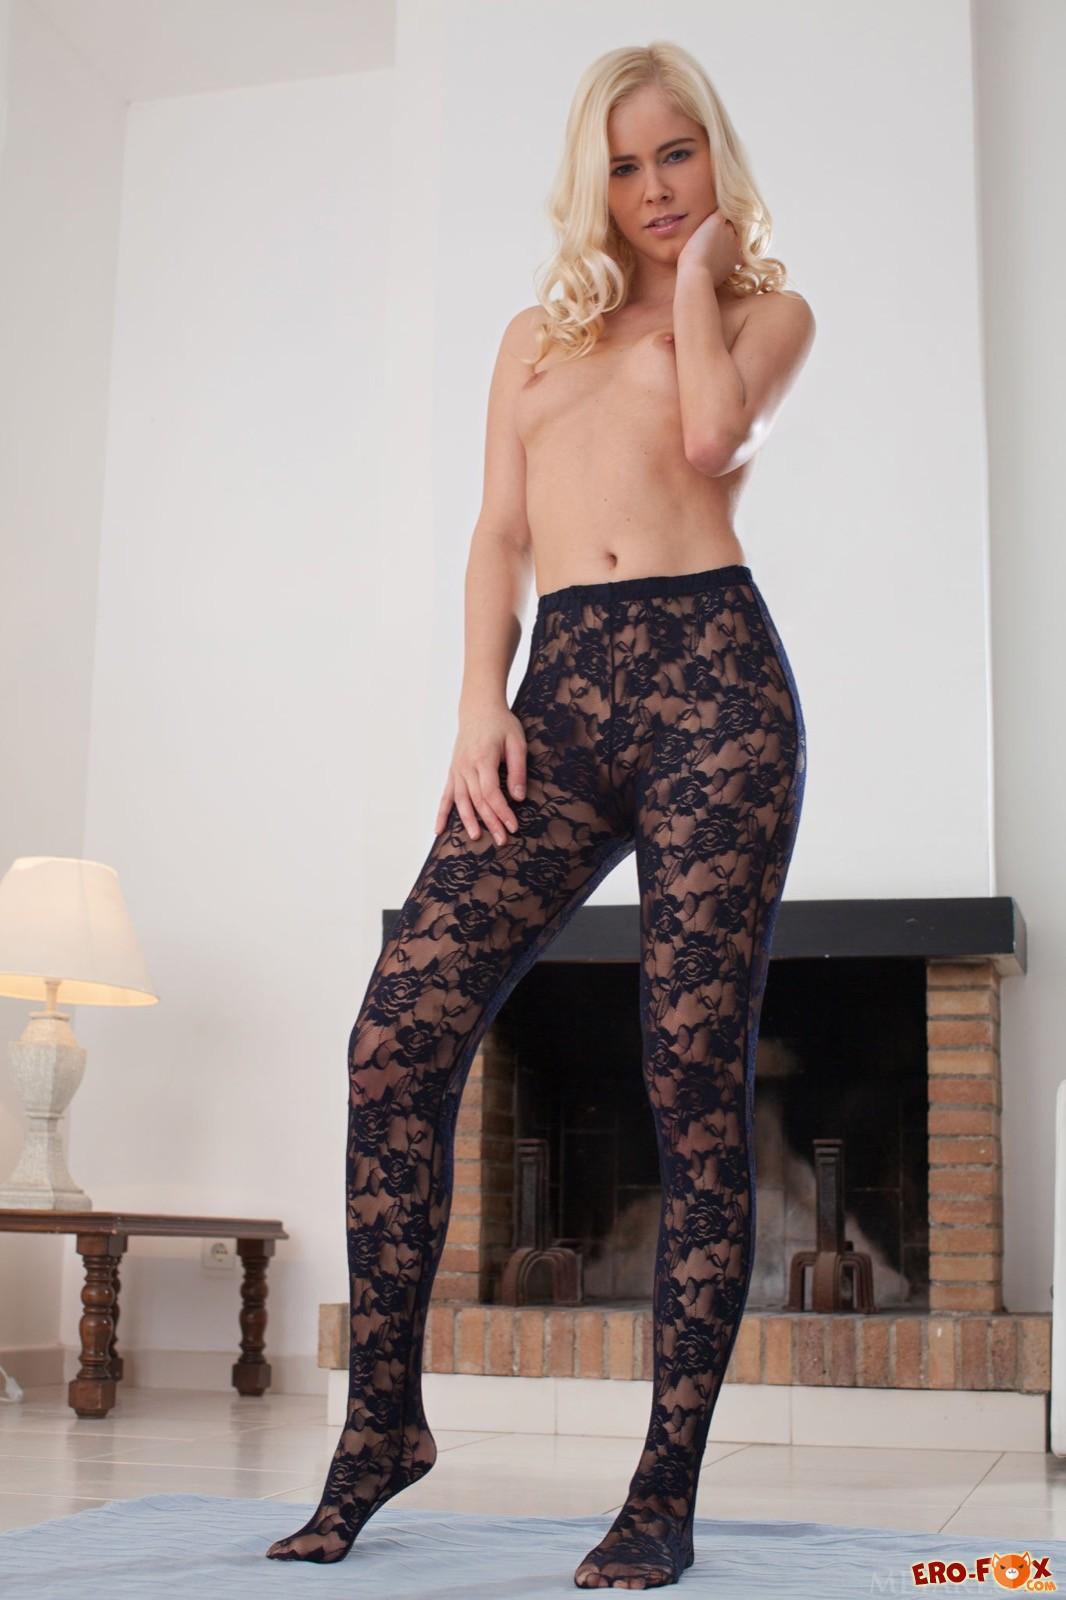 Блондинка в колготках на голое тело .